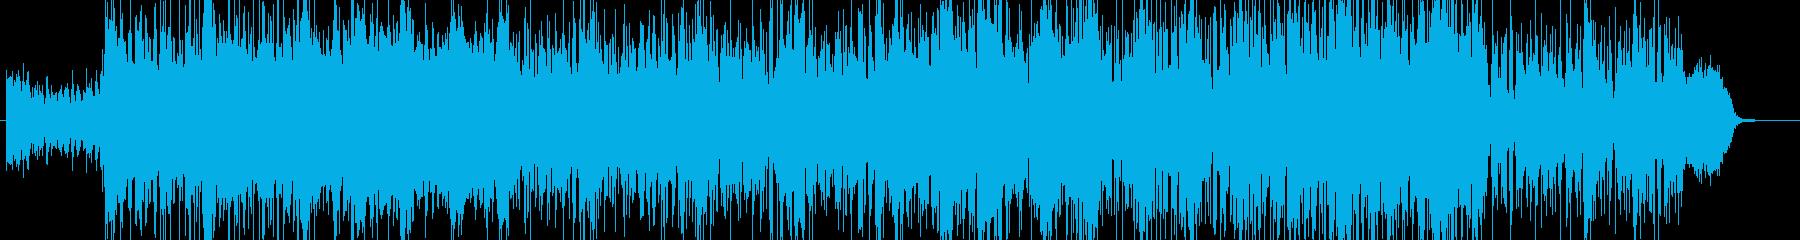 妖しげで不可思議なインスト曲の再生済みの波形